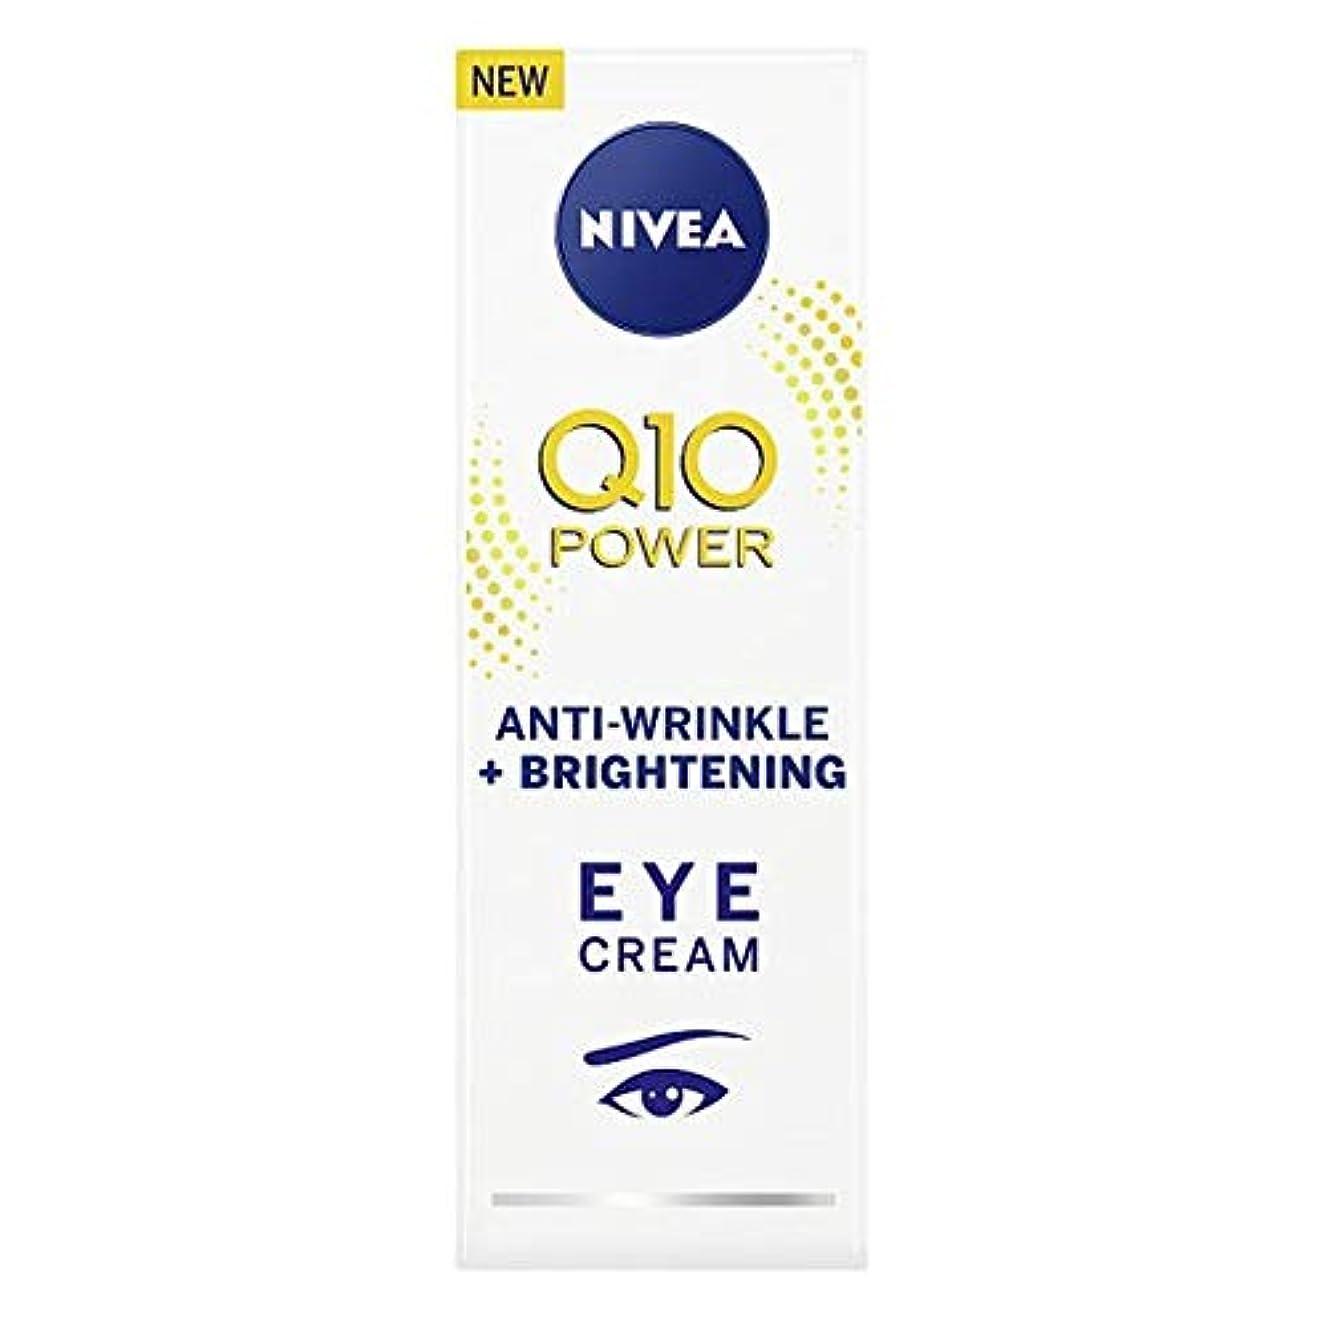 早熟気を散らす爵[Nivea] ニベアQ10電源明るいアイクリーム15ミリリットル - Nivea Q10 Power Bright Eye Cream 15Ml [並行輸入品]